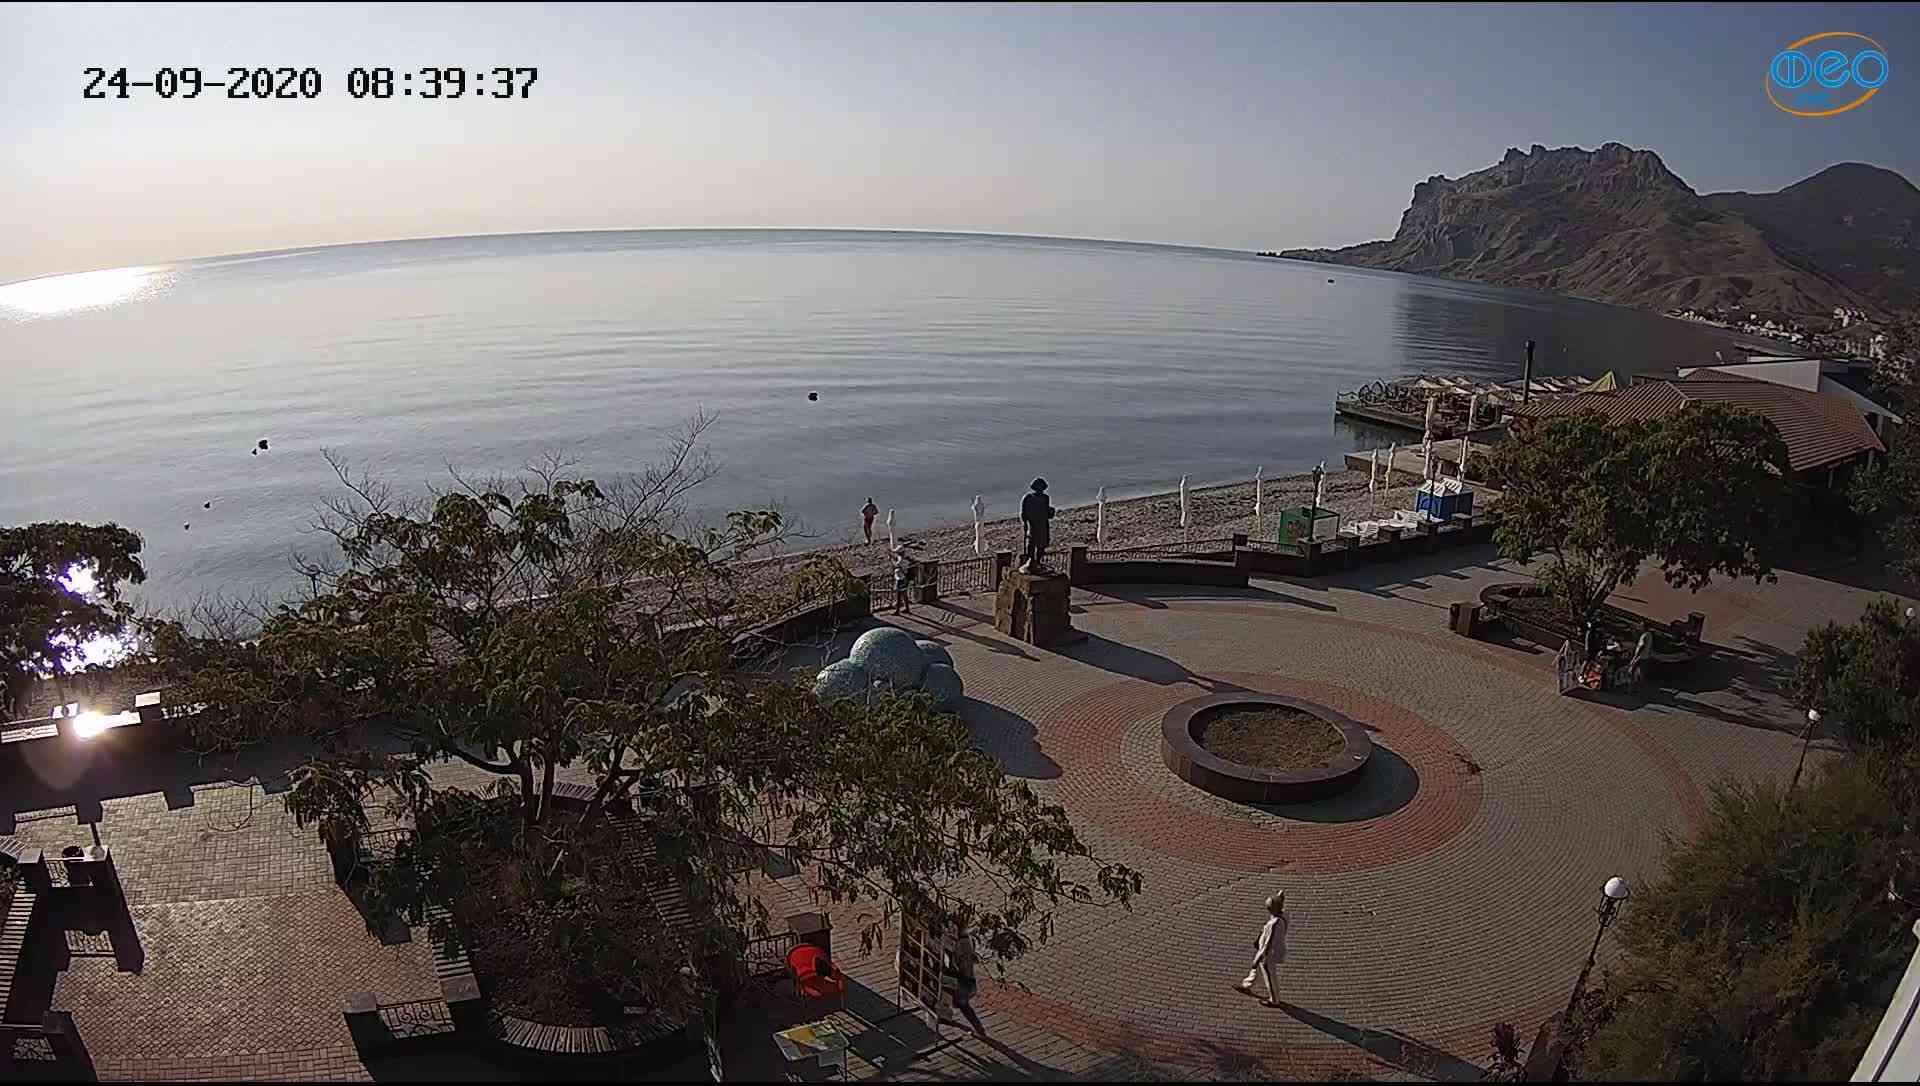 Веб-камеры Феодосии, Набережная Коктебель перед домом Волошина, 2020-09-24 08:39:52